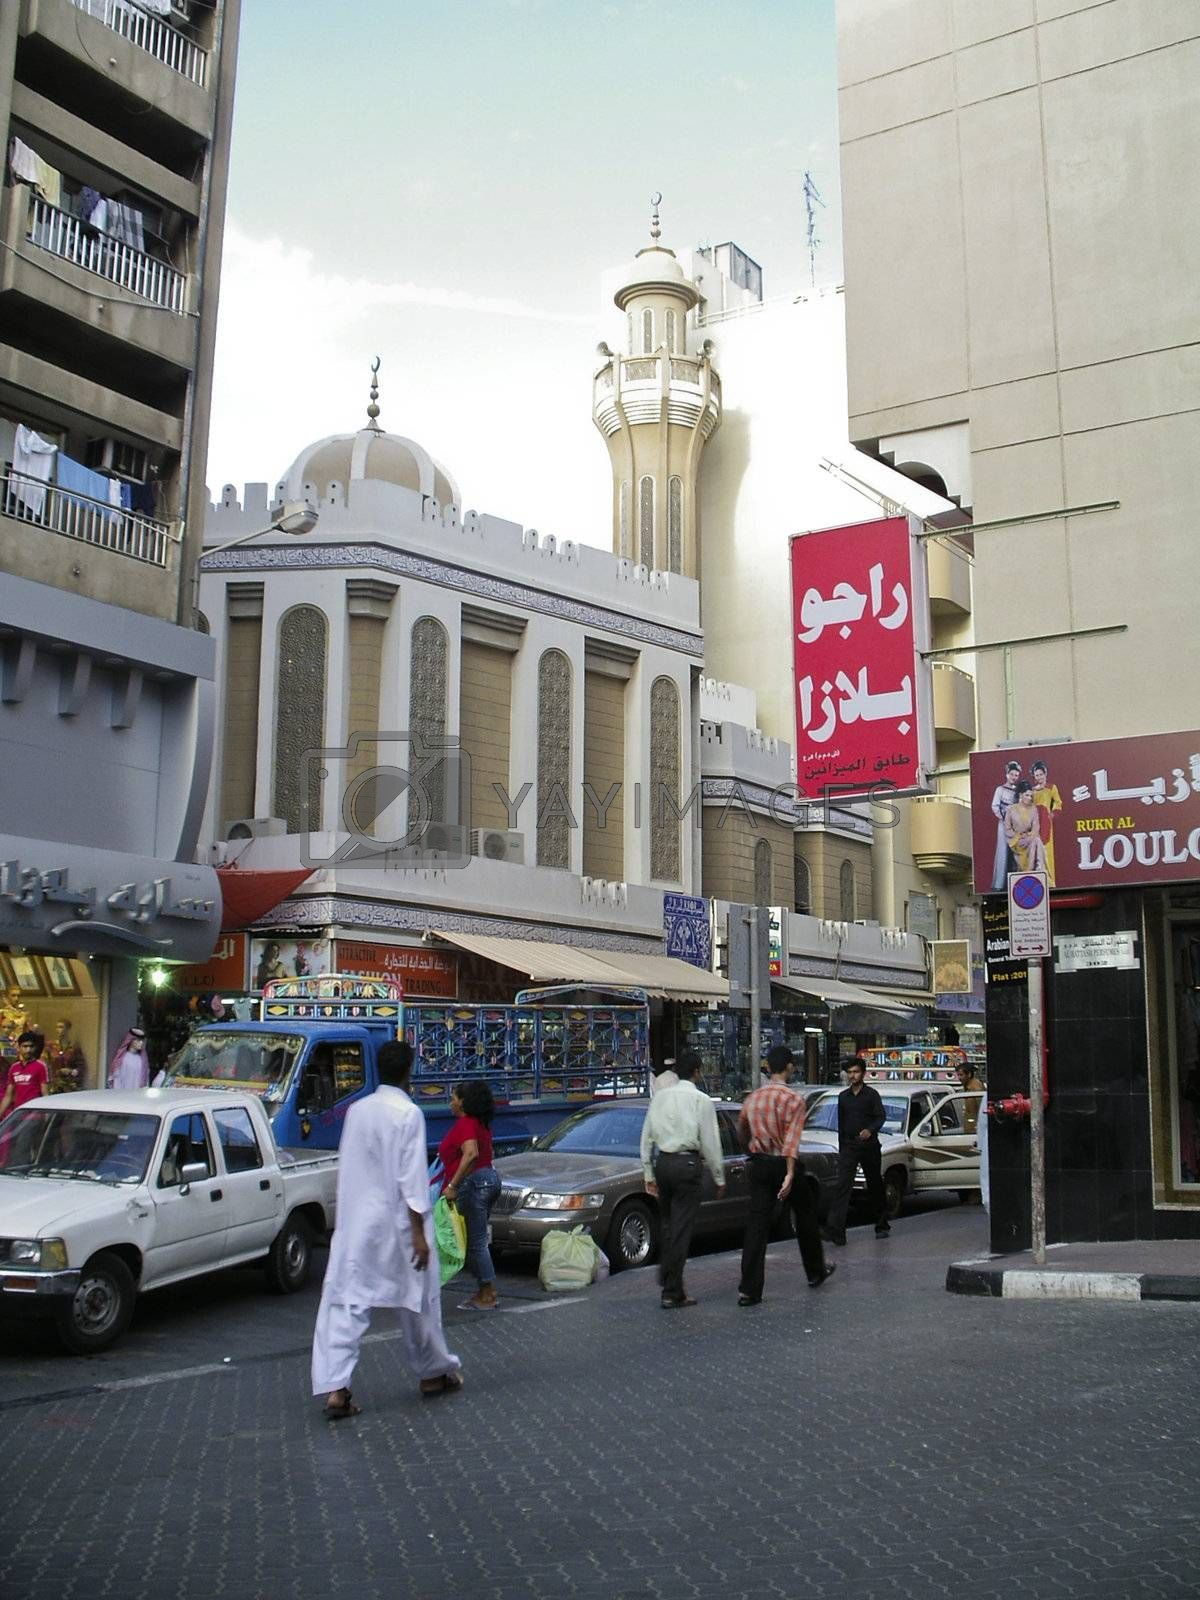 Mosque in Deira,Dubai